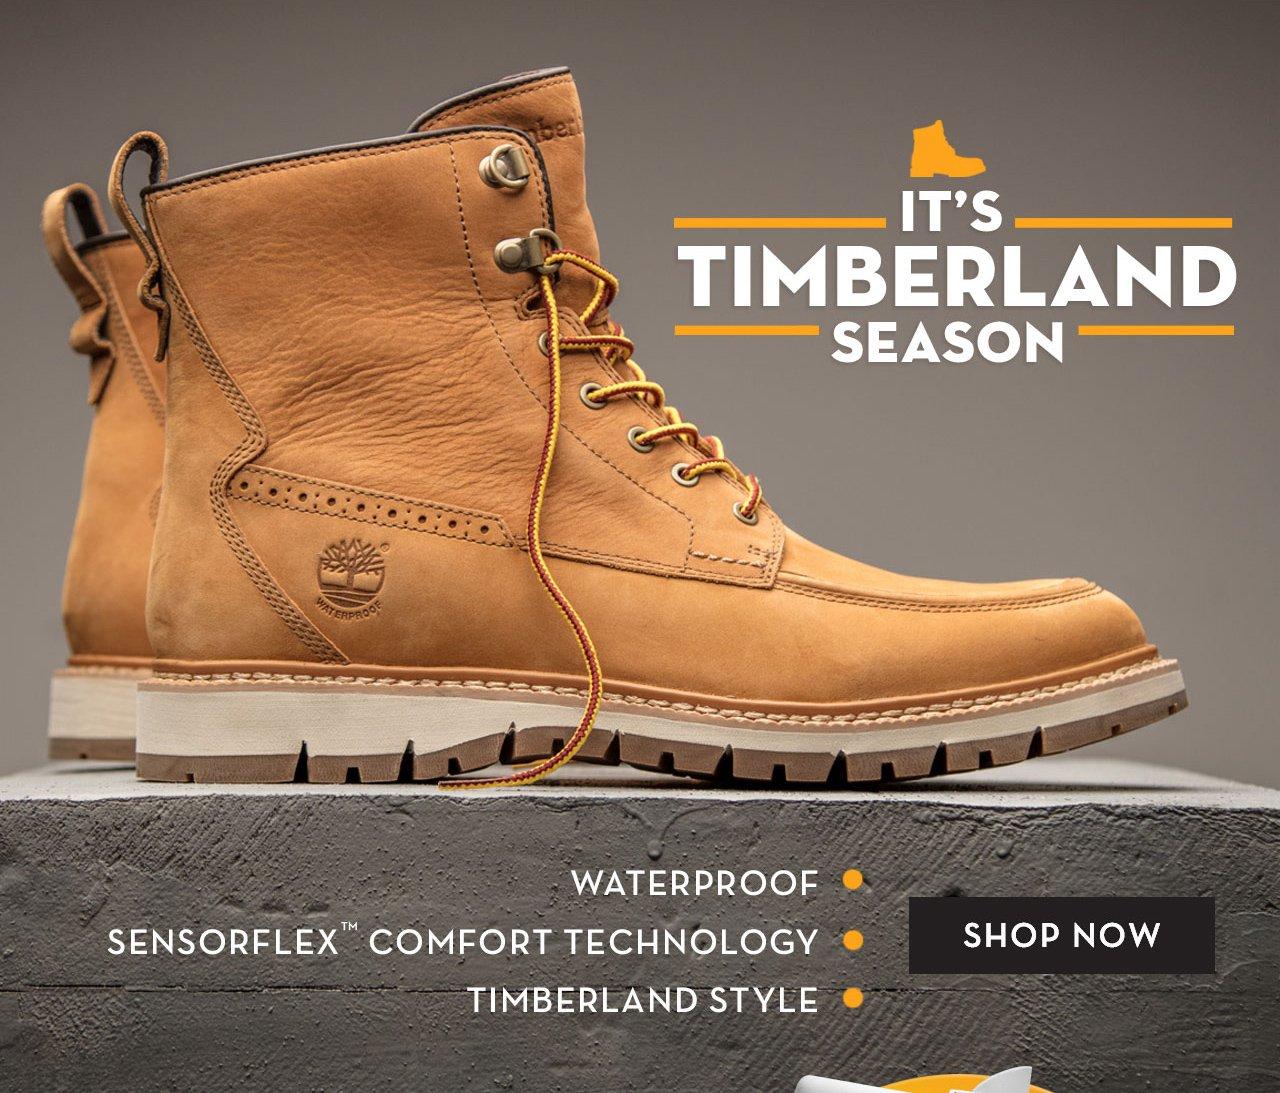 It's Timberland Season · Waterproof · SensorFlex™ Comfort Technology · Timberland Style Shop Now